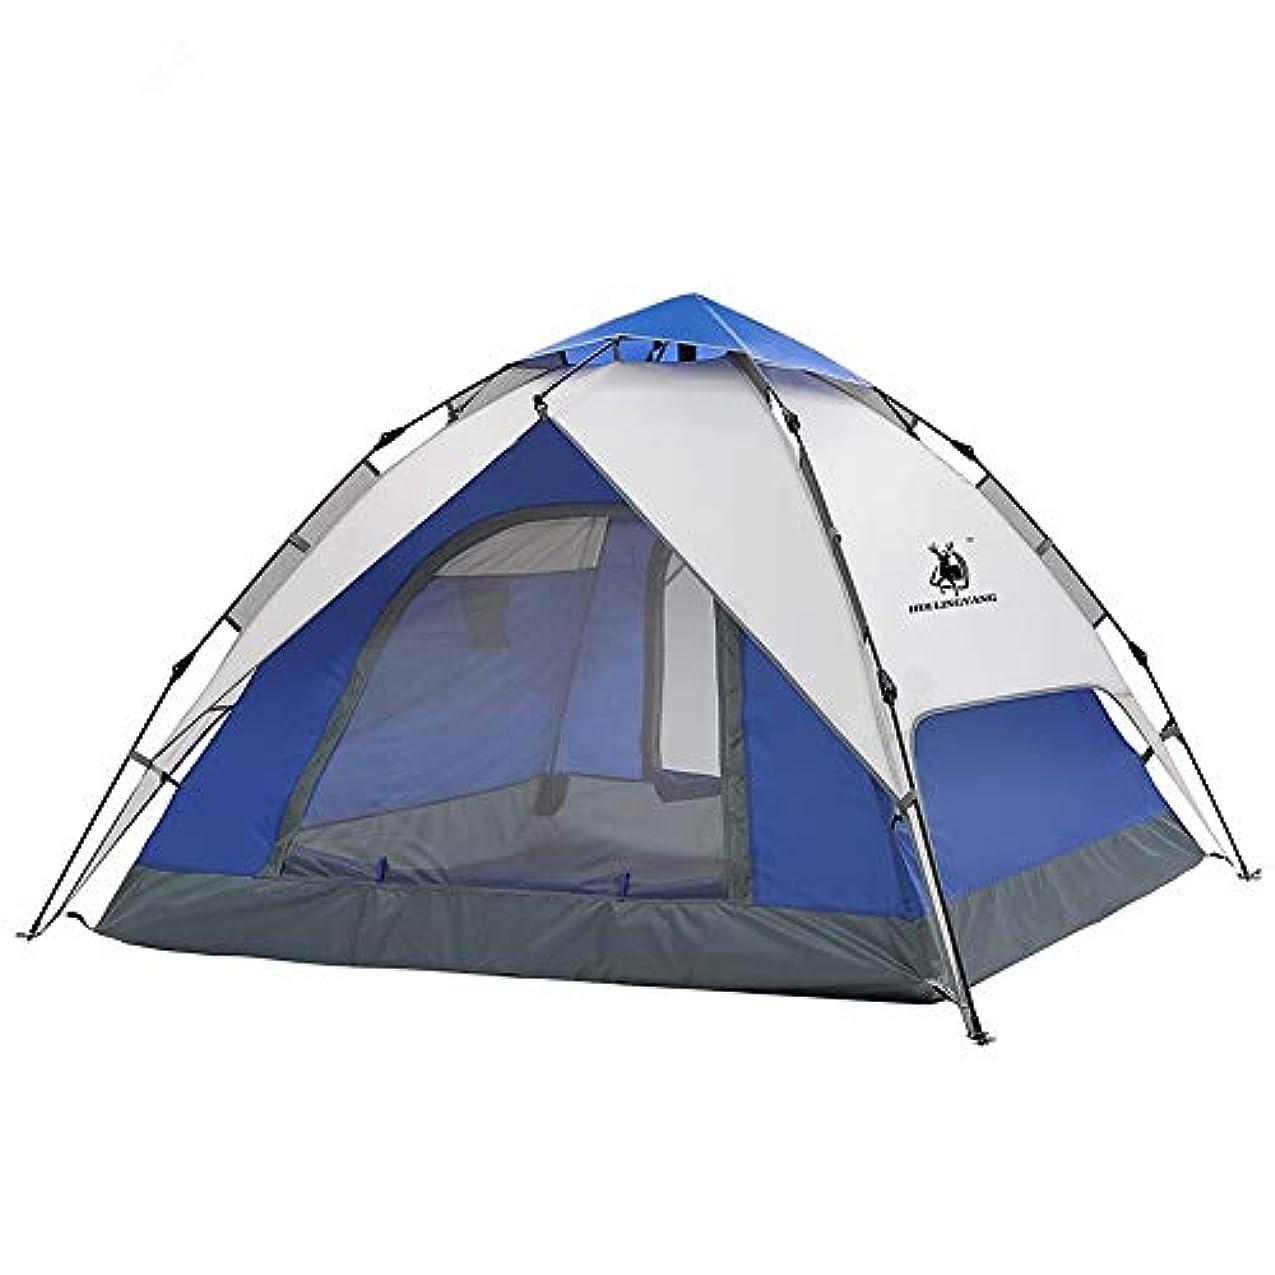 救出残酷なシングルOpliy 86 * 83 * 59 cm自動キャンプテント防水日焼け止めUV保護屋外テントキャンプ用品3-4人旅行/バックパック/ハイキング/キャンプ/釣り/ビーチ自動折りたたみ 品質保証